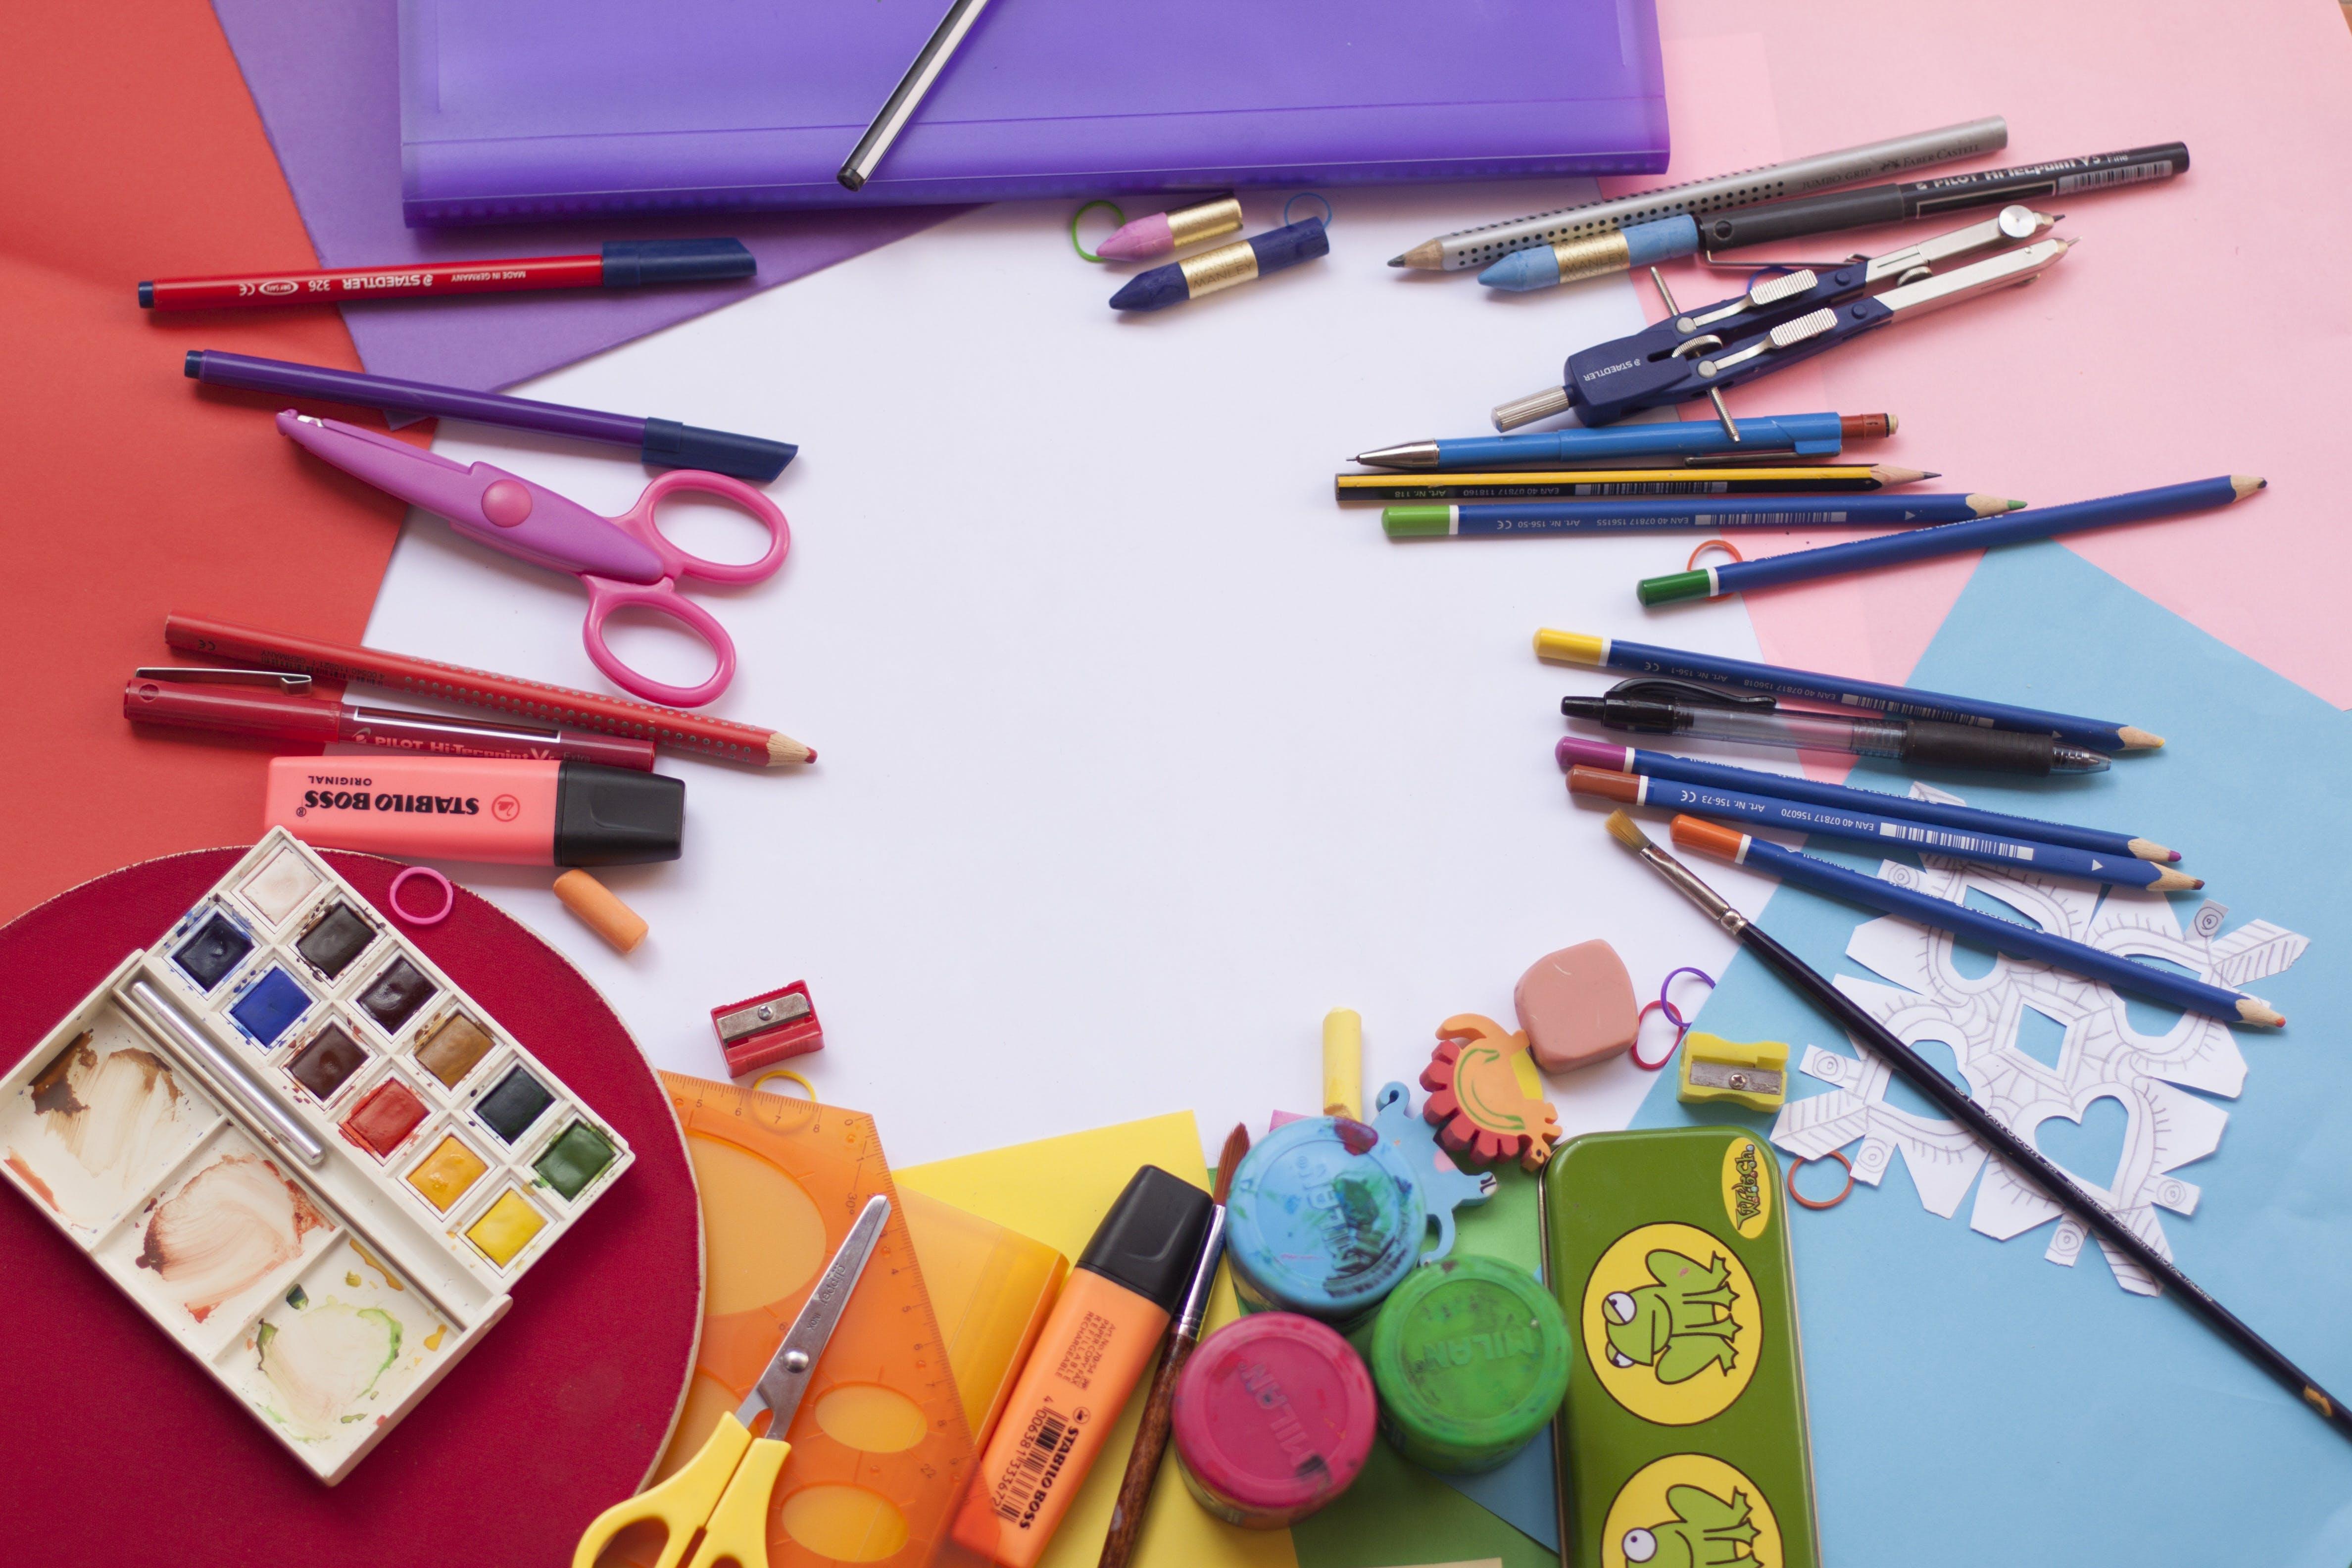 Ajak anak melakukan kegiatan menggunting, menggambar, dan menempel. (Foto: Pexels)